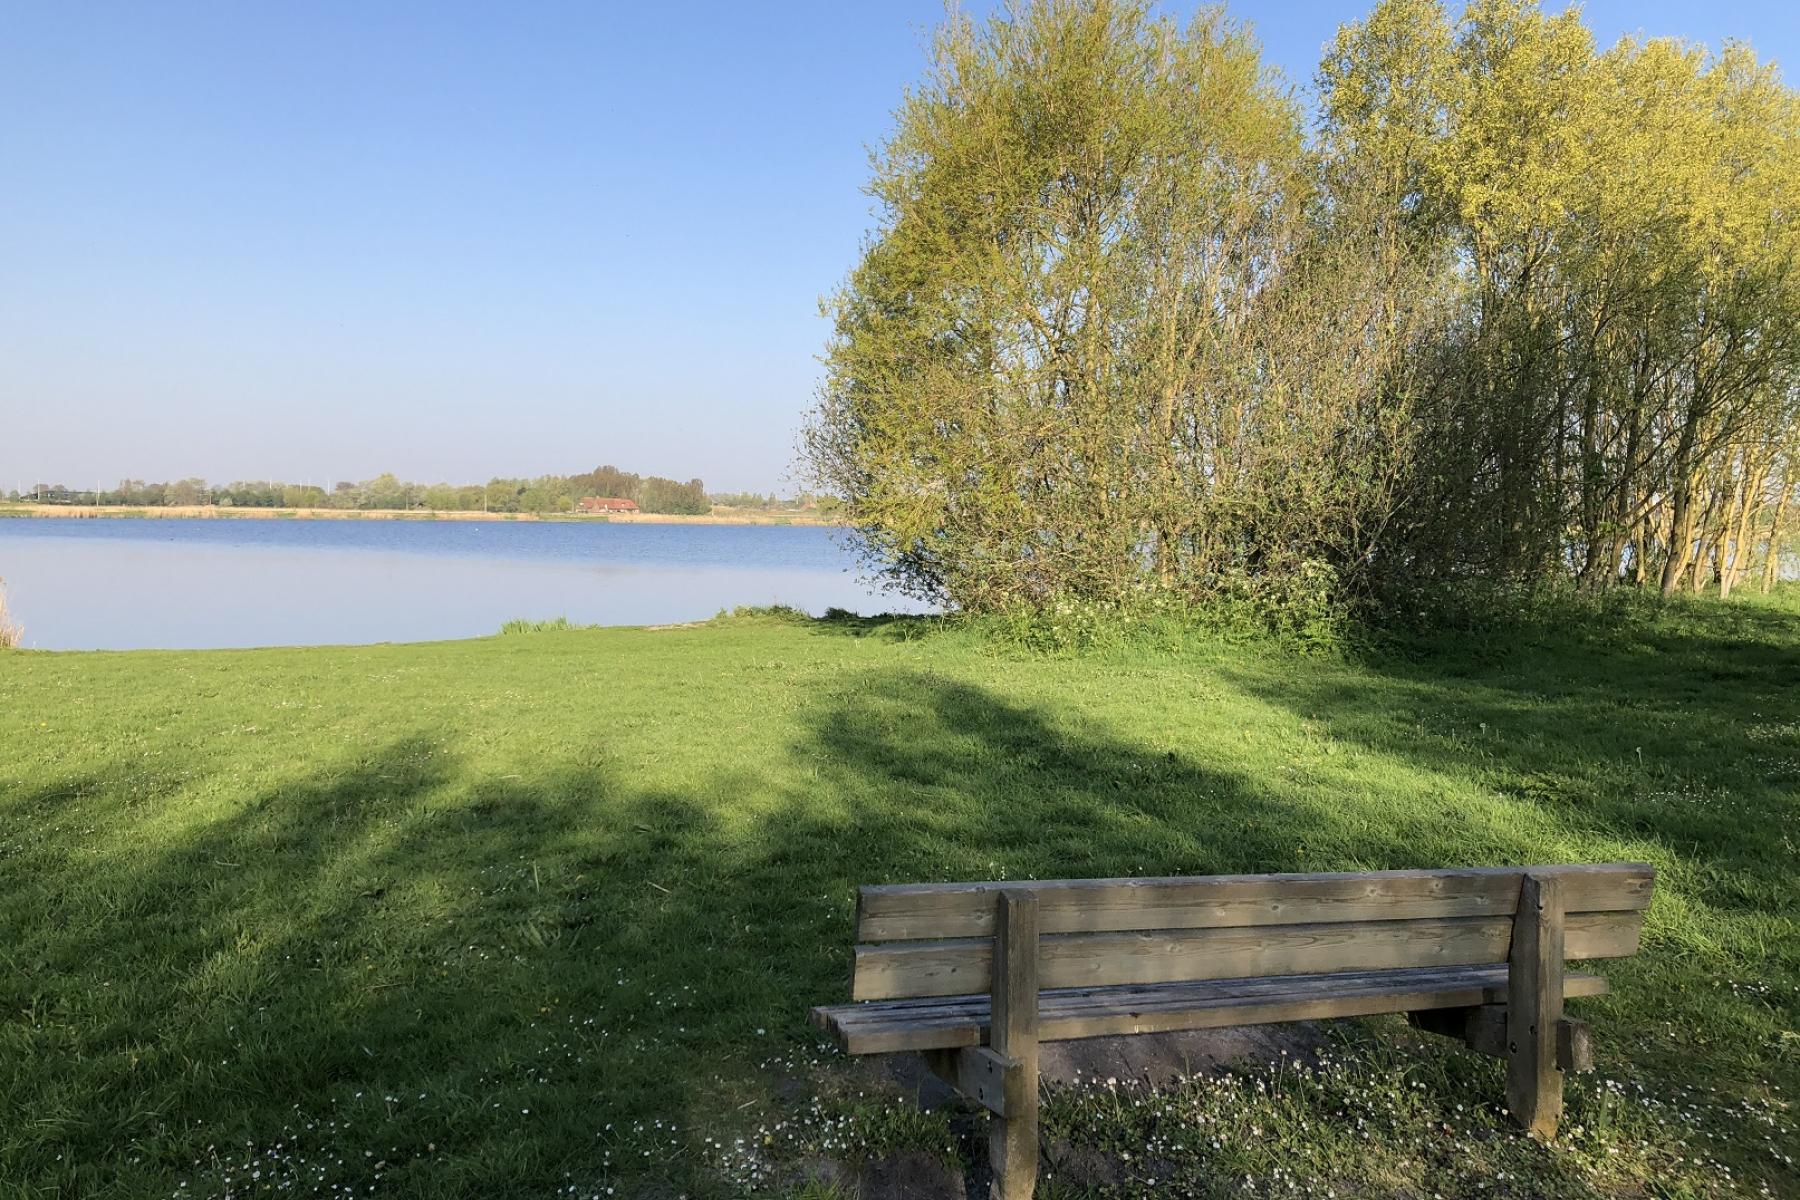 Visit Nieuwpoort Domaine naturel De Koolhofput